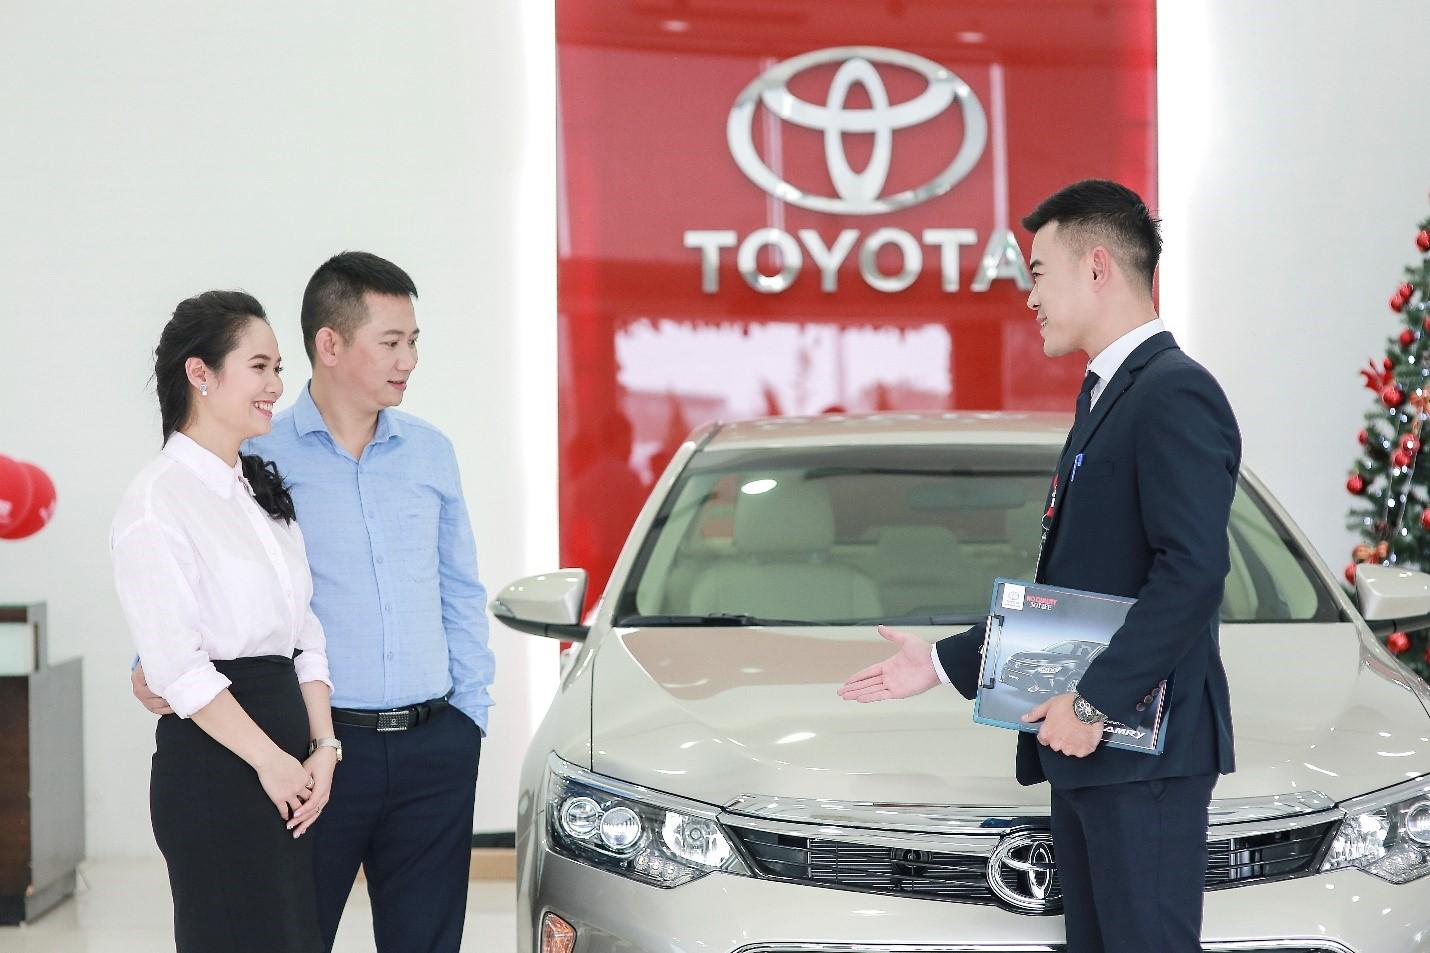 Nhân viên đại lý Toyota (áo đen) tư vấn xe cho khách hàng.